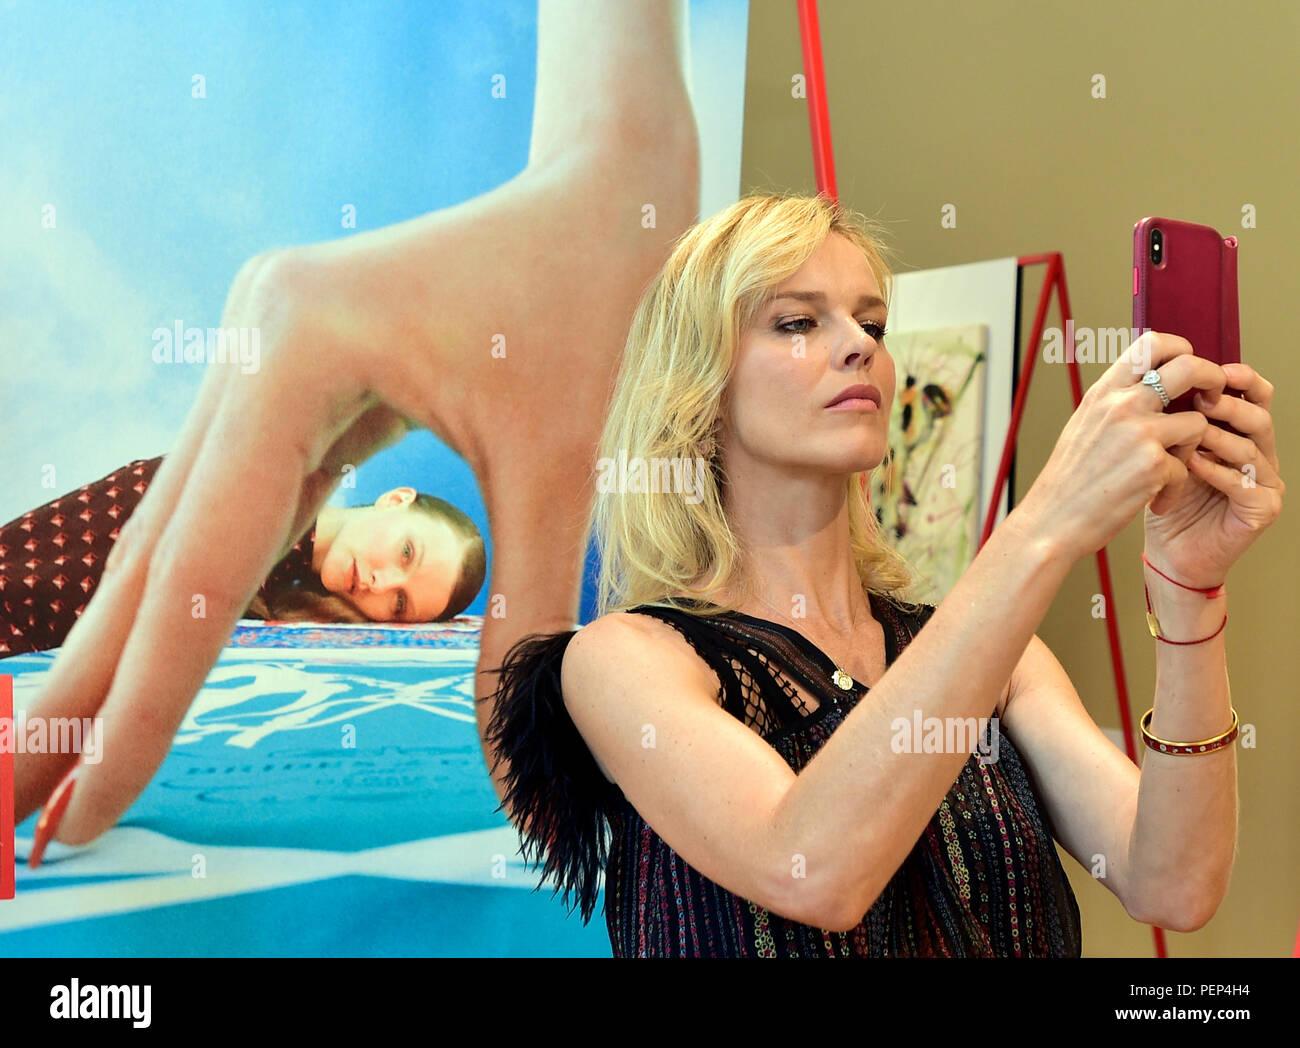 Swimsuit Anna Linhartova nudes (25 fotos) Topless, iCloud, butt